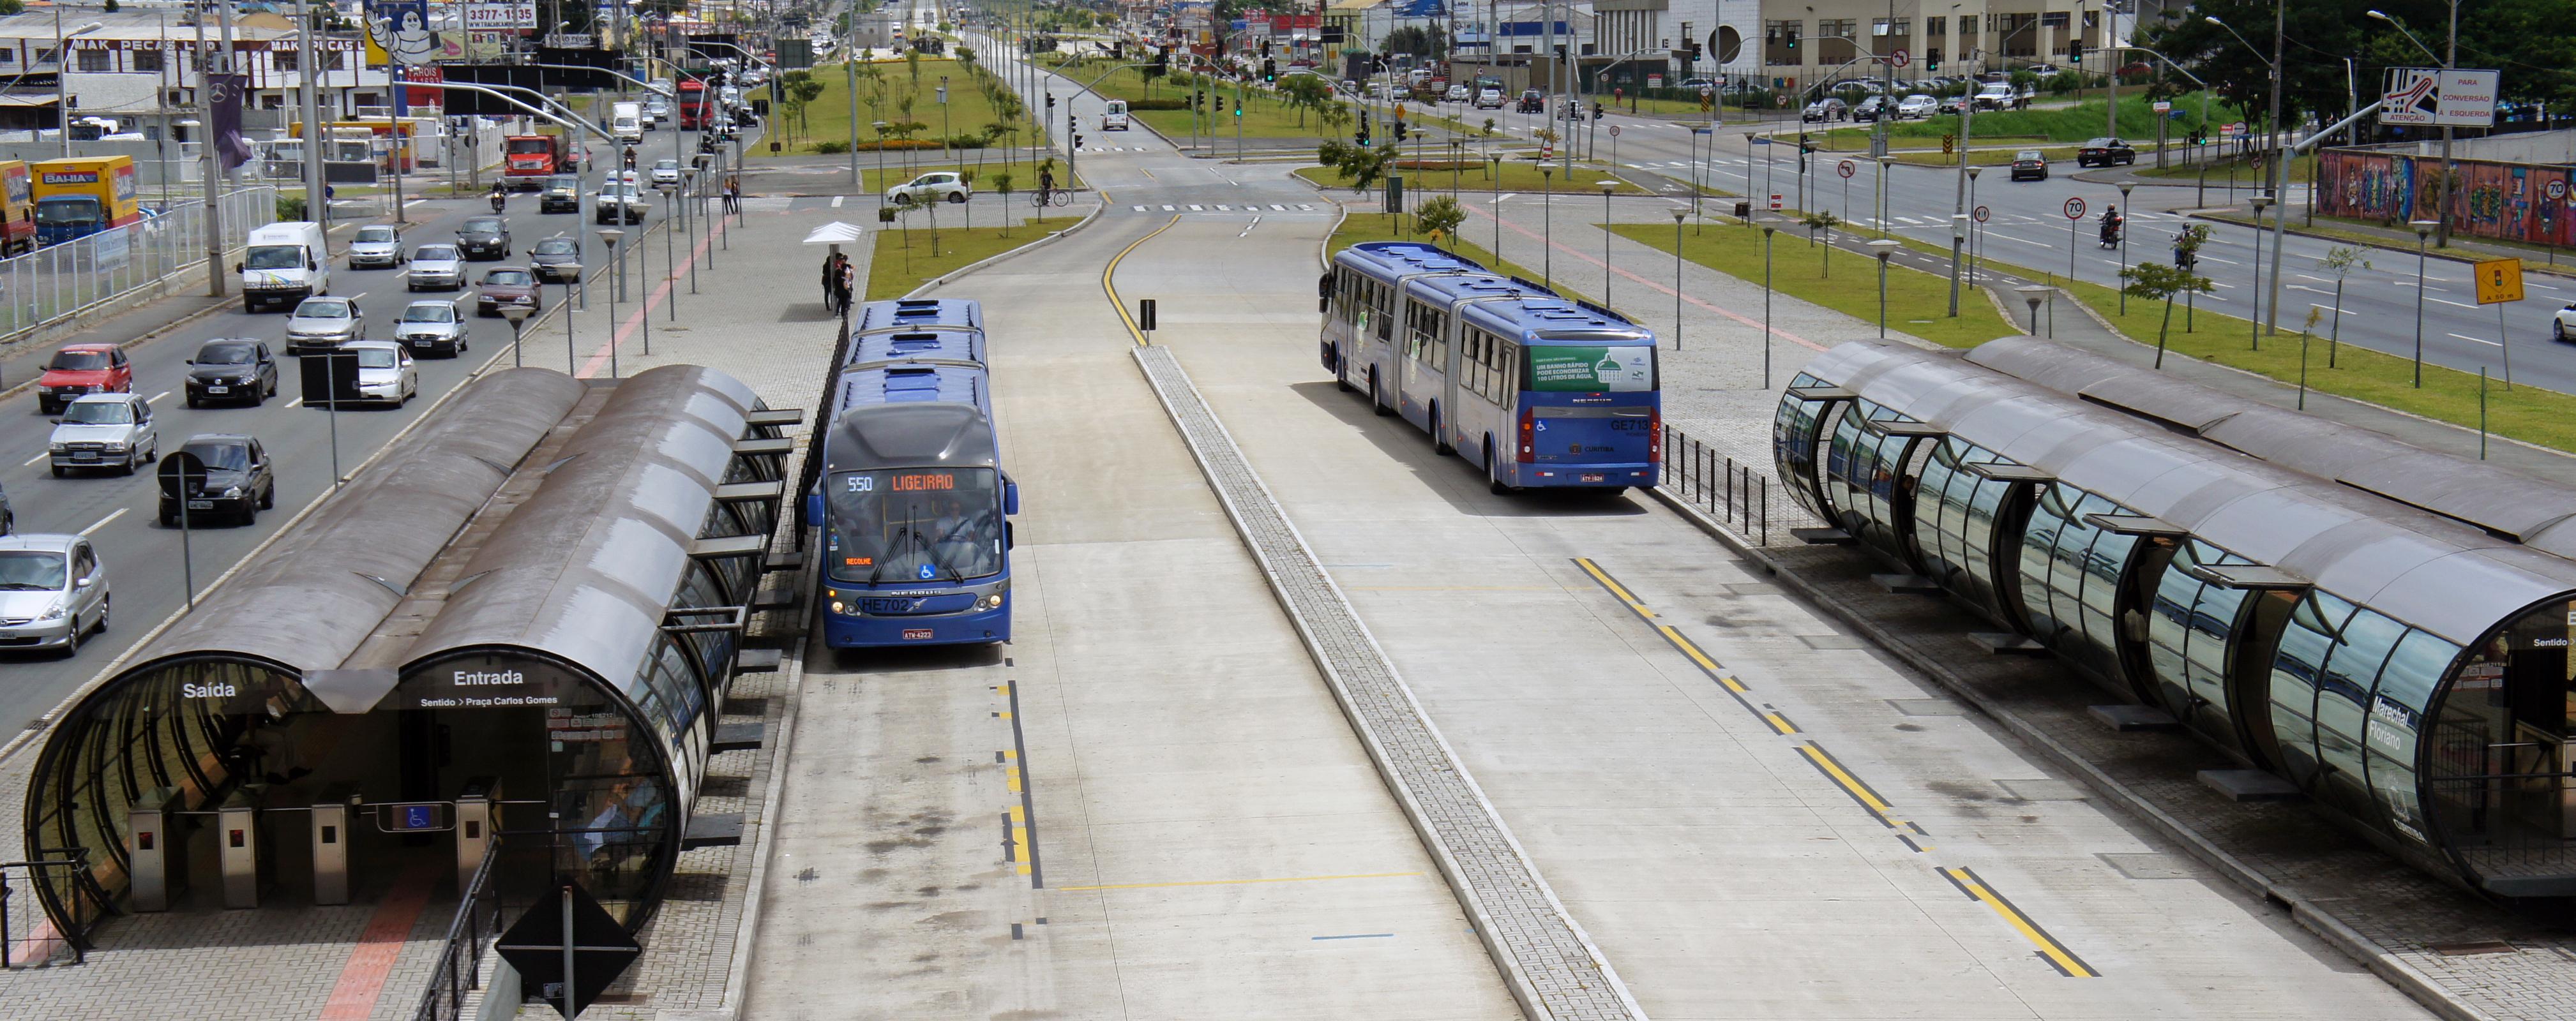 Linha Verde BRT Curitiba, Estação Marechal Floriano. Fonte: Wikipedia [1].